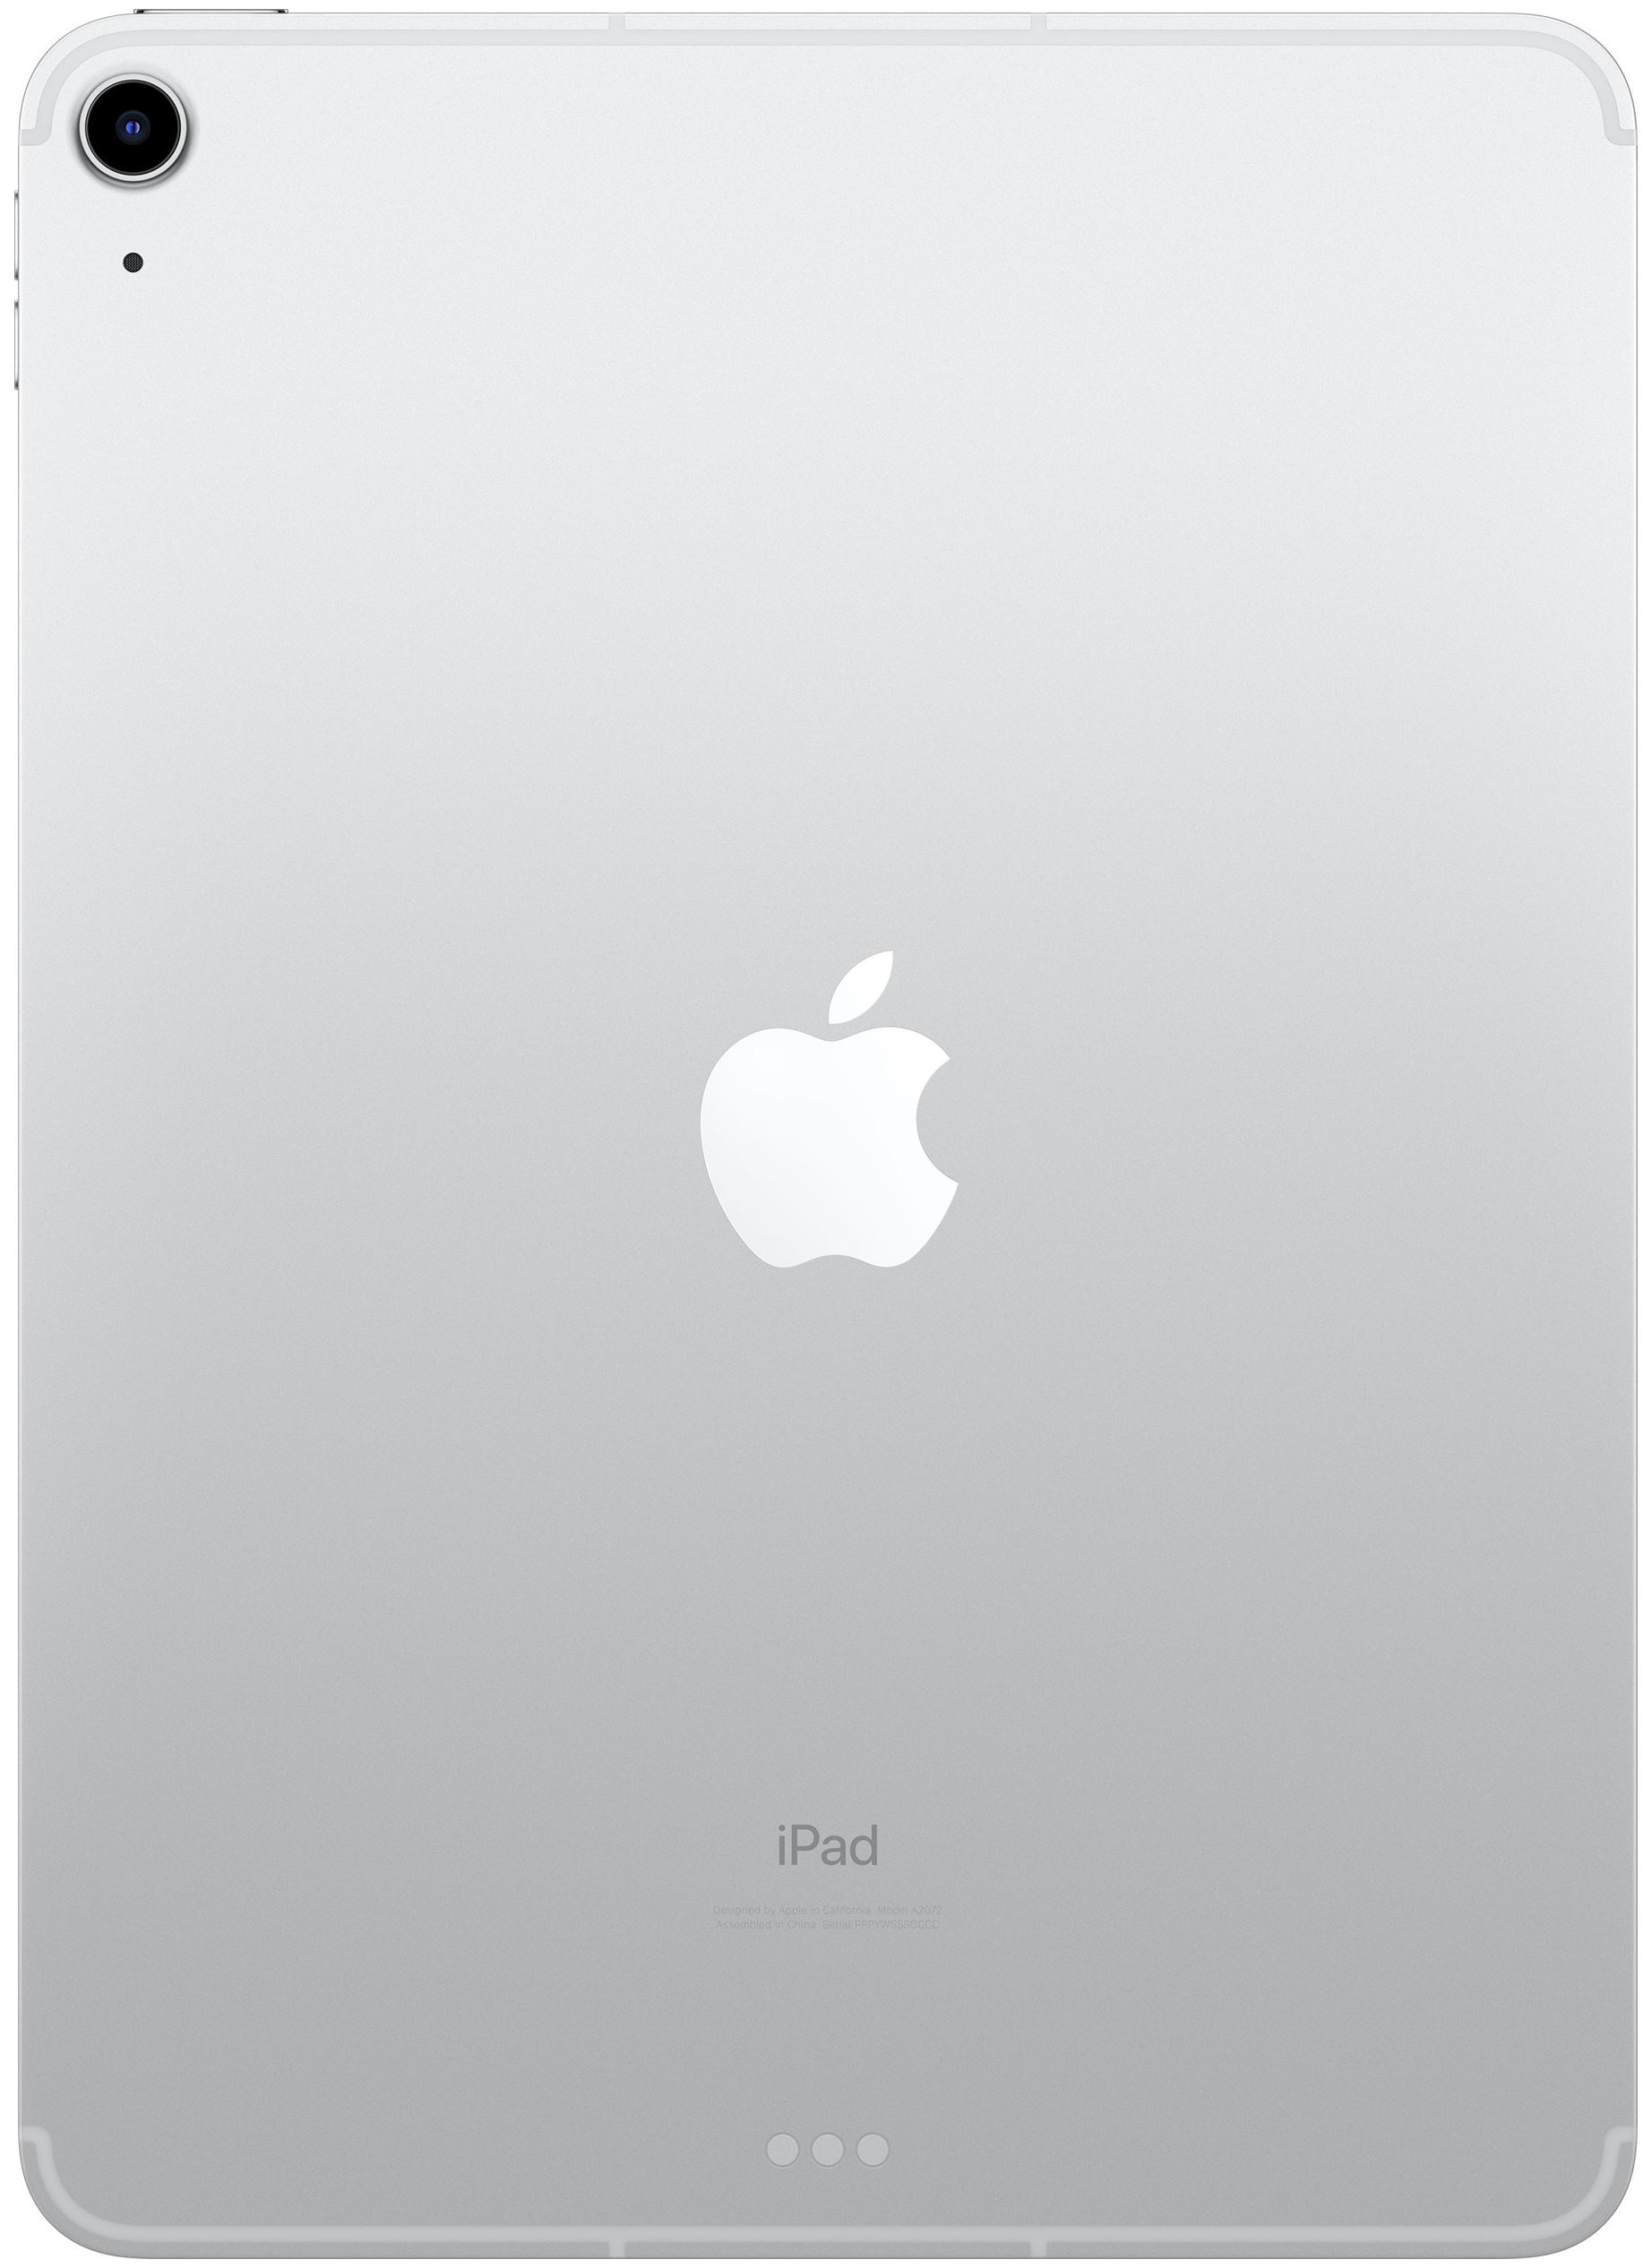 Apple iPad Air 2020 64Gb Wi-Fi - беспроводные интерфейсы: WiFi 802.11ax, Bluetooth 5.0